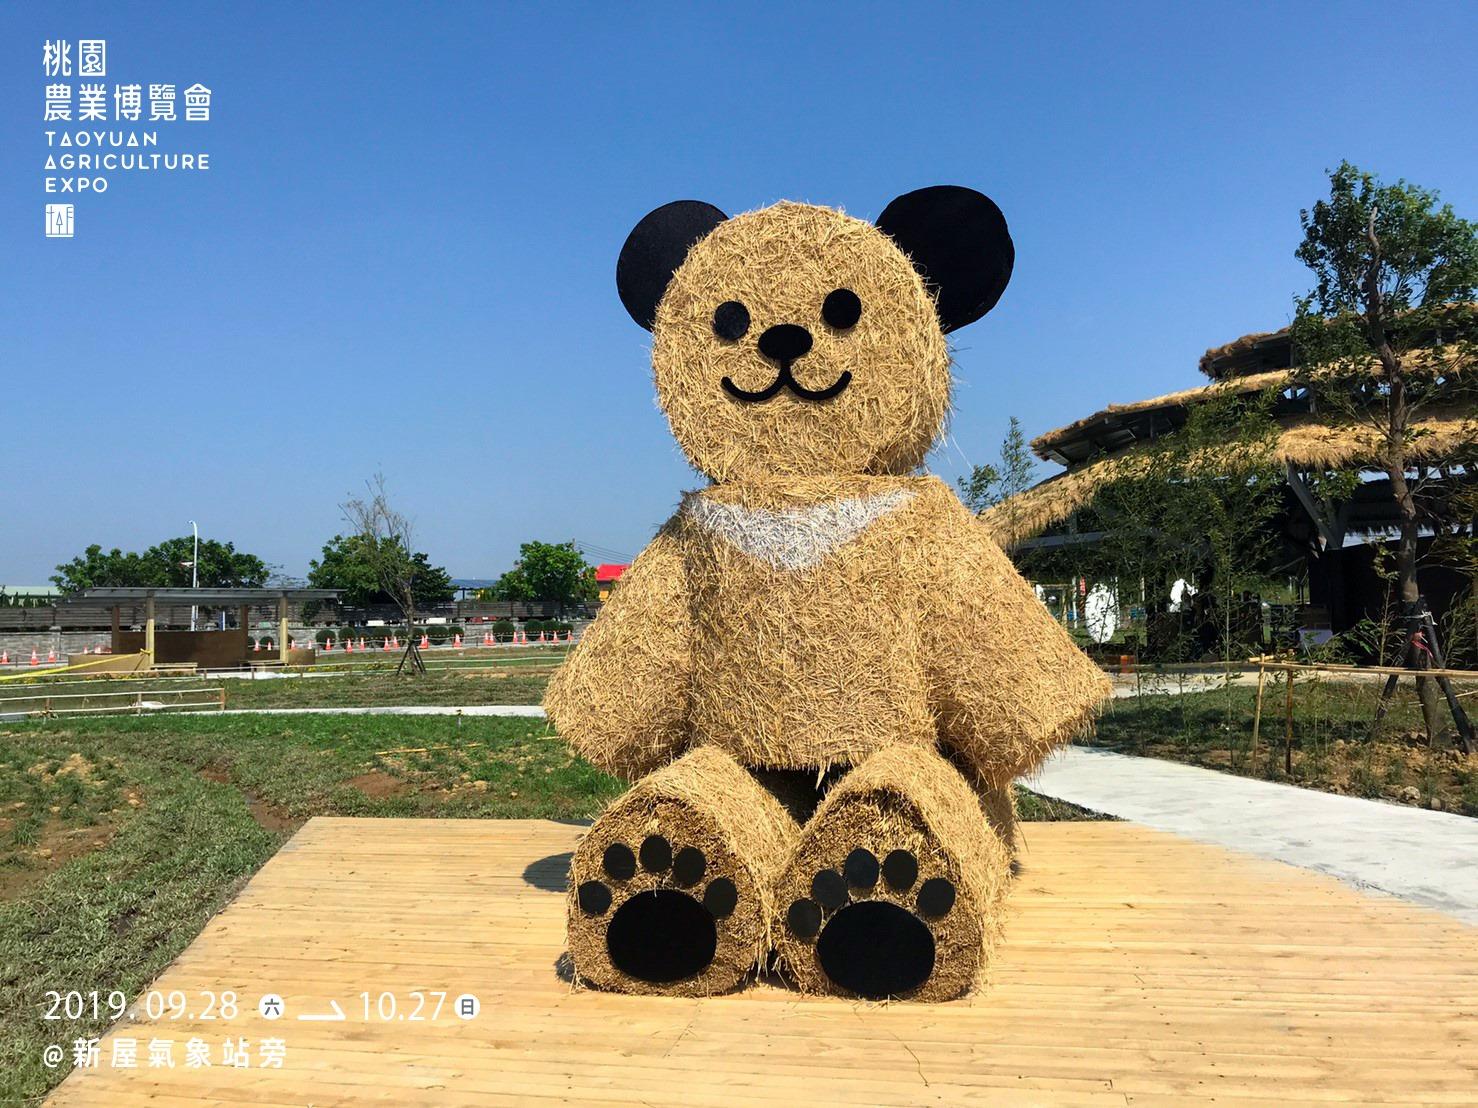 巨大稻草熊坐在草地上,從遠方就吸引遊客目光,老中青經過都忍不住上前跟它合照留念。圖:翻攝自農業博覽會官方臉書